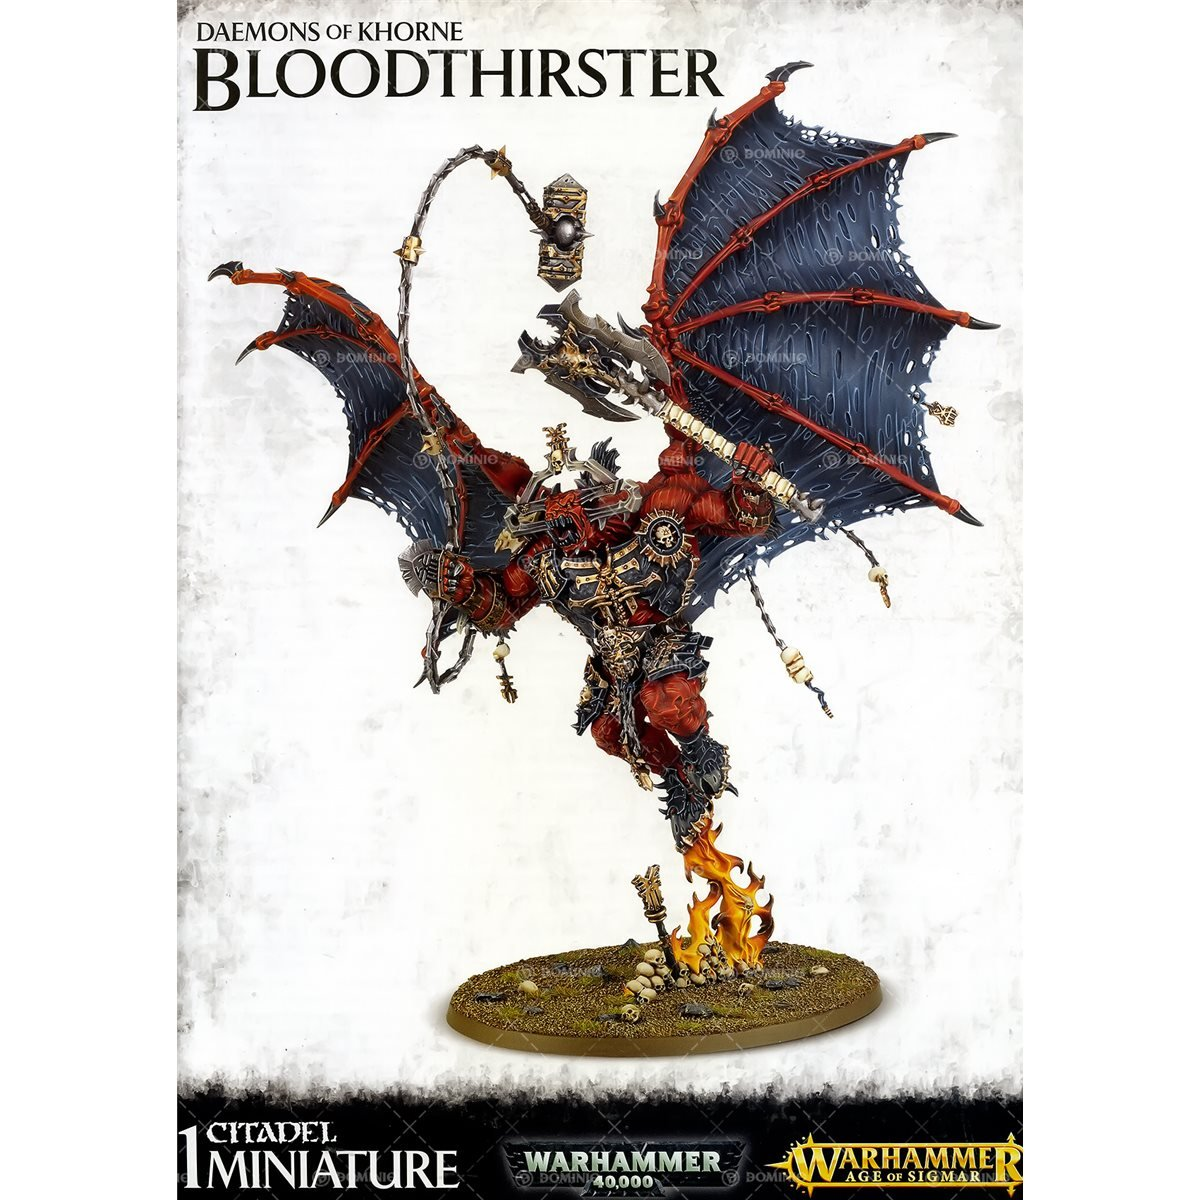 Warhammer Fantasy / Warhammer 40K Khorne Bloodthirster by Games Workshop (Image #1)